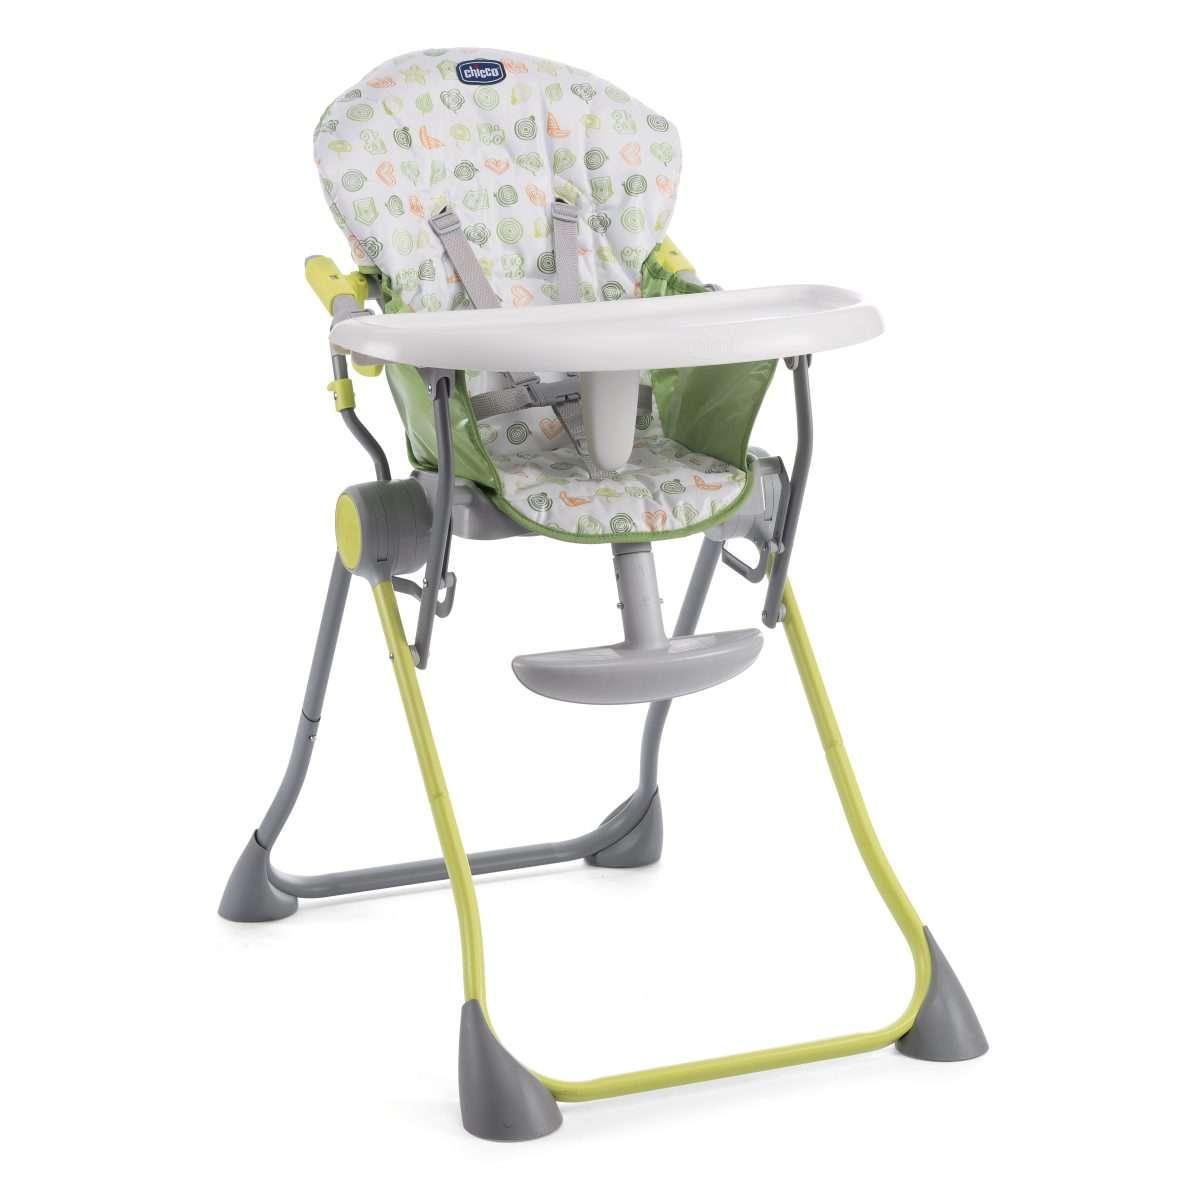 Chaise haute toutes nos chaises hautes pour b b - Chaises hautes pour bebe ...